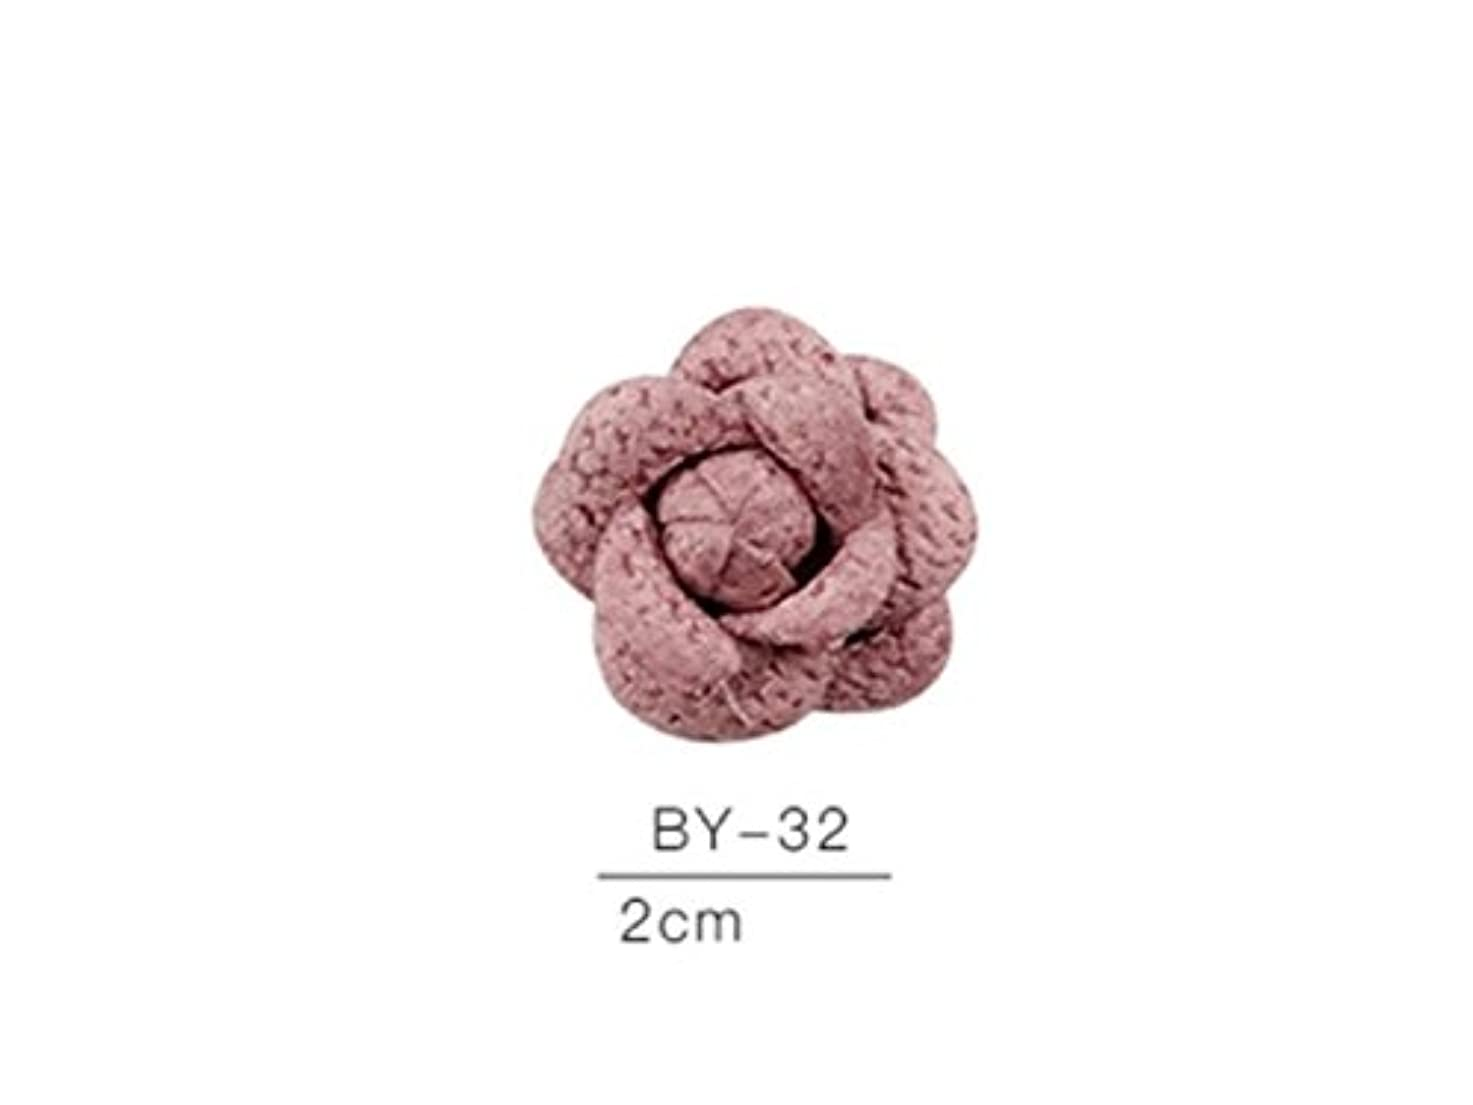 カラス検出器アウターOsize カラフルネイルアート樹脂布カメリアネイルジュエリーファブリックネイルアートデコレーションネイルステッカー(ピンク)